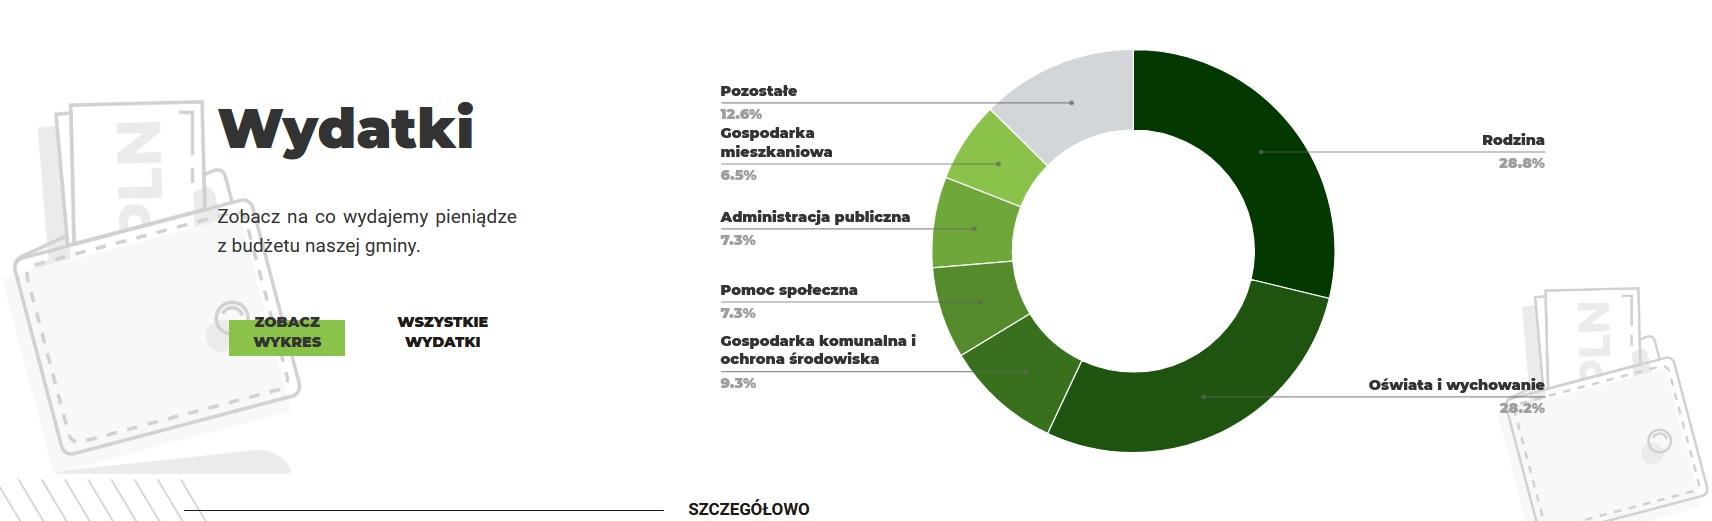 wykres z wydatkami gminy choszczno